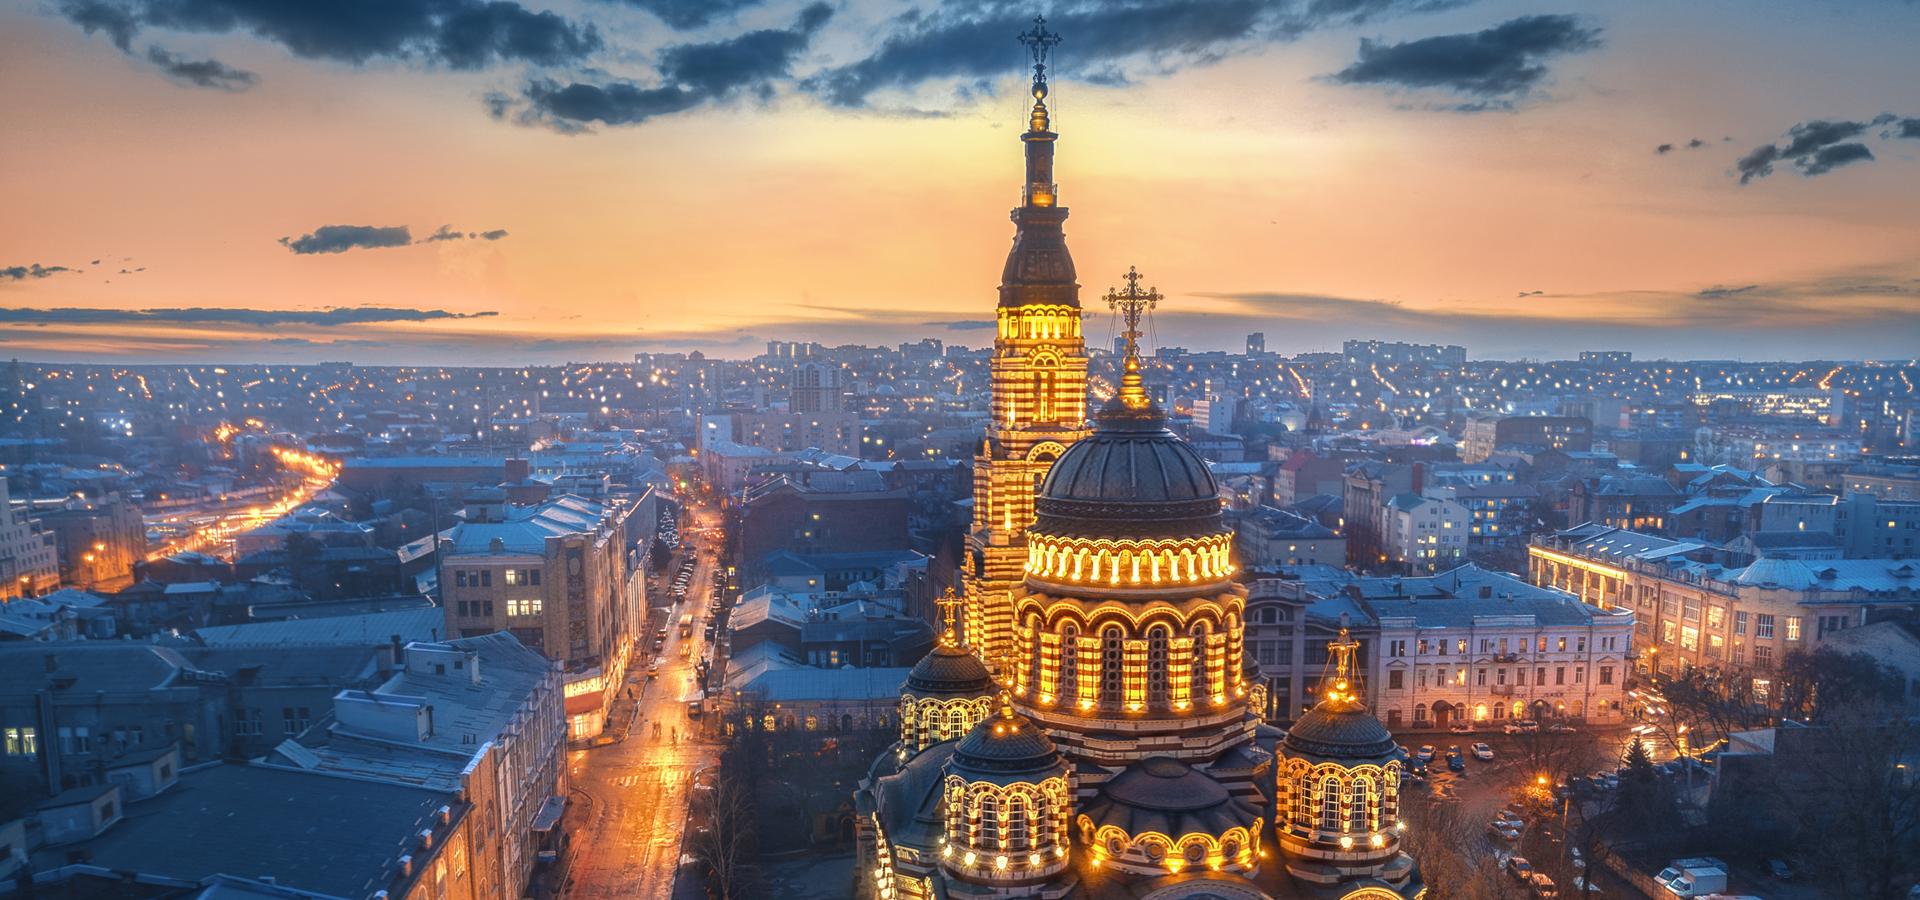 Peer-to-peer advisory in Kharkiv, Ukraine